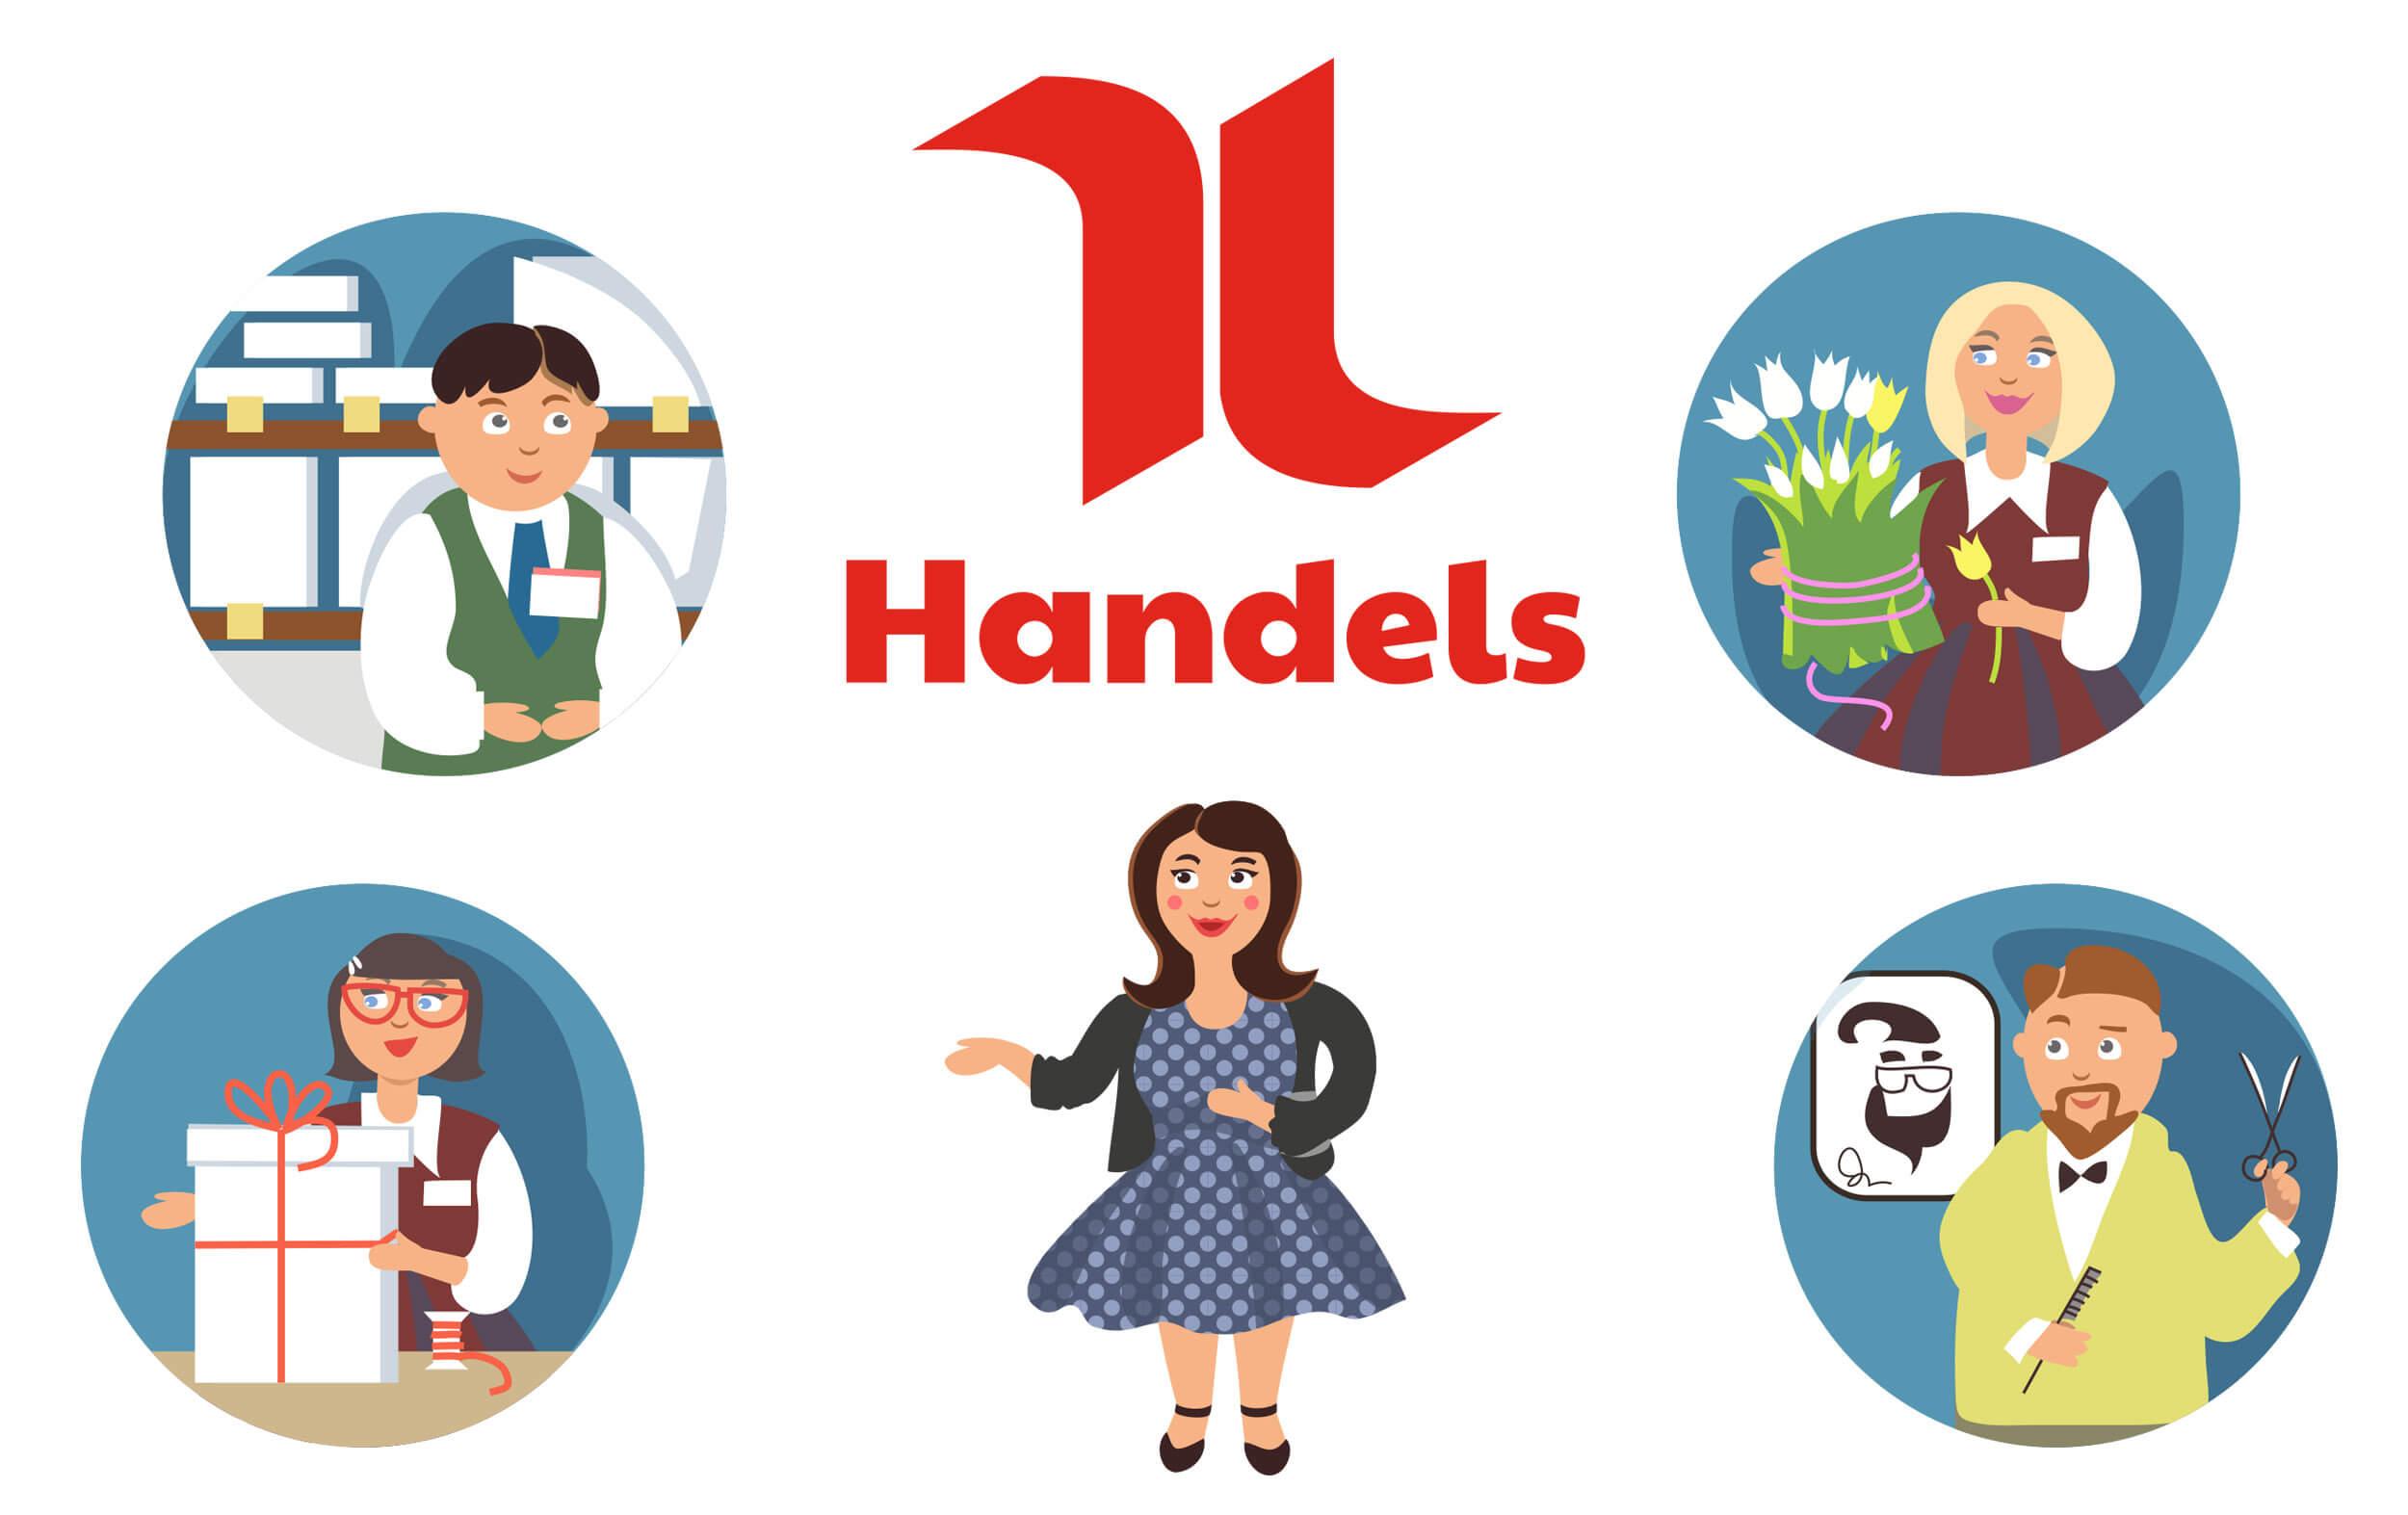 Hanna fortbildar skyddsombud hos Handels i Luleå, Göteborg och Nässjö